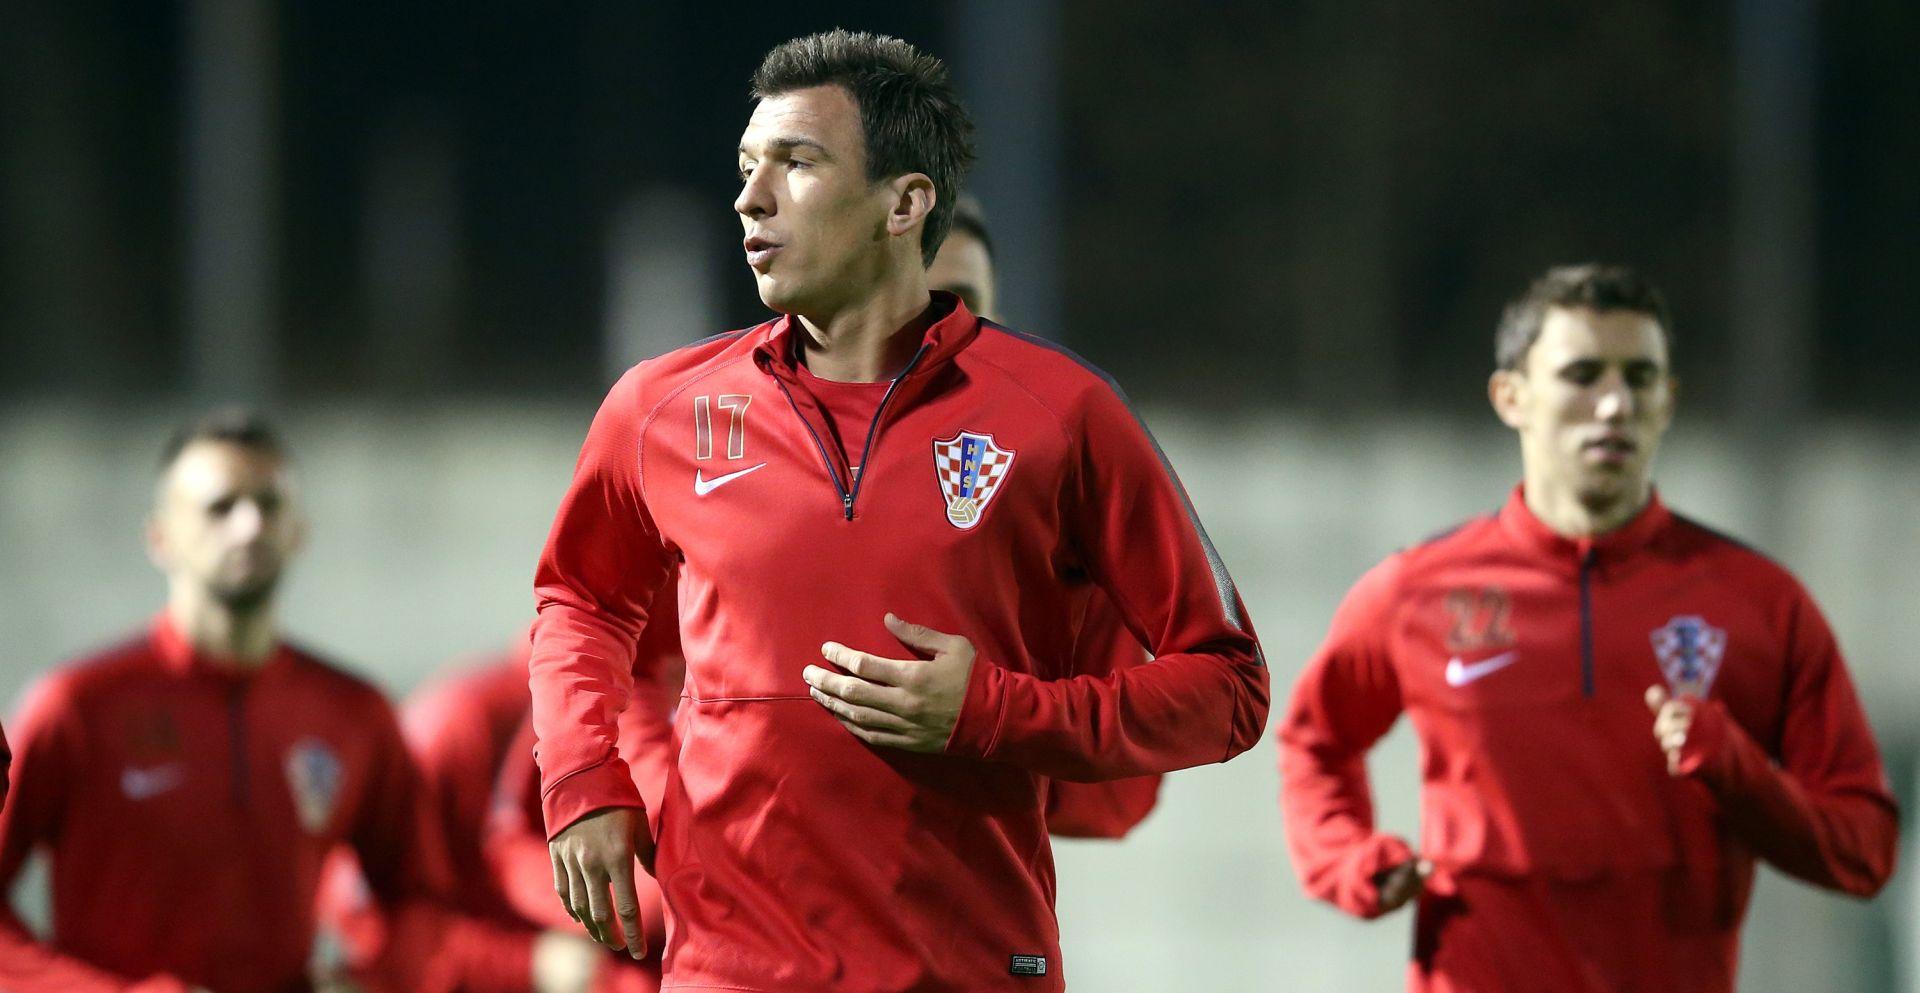 PRIPREME ZA EURO Dogovorena prijateljska utakmica s Mađarima 26. ožujka